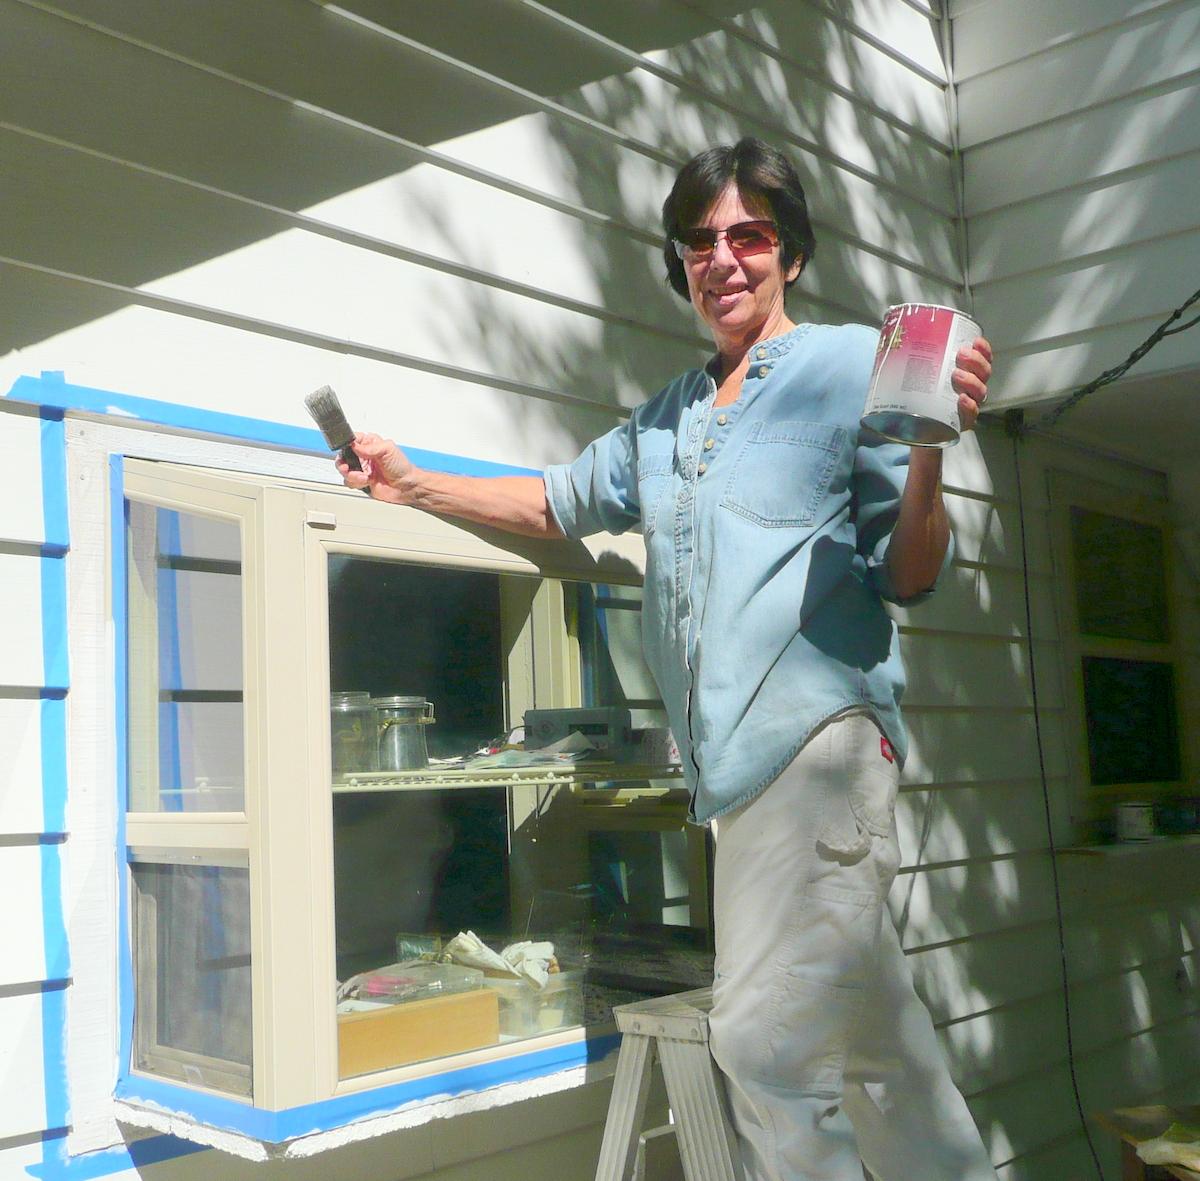 Cheryl paints